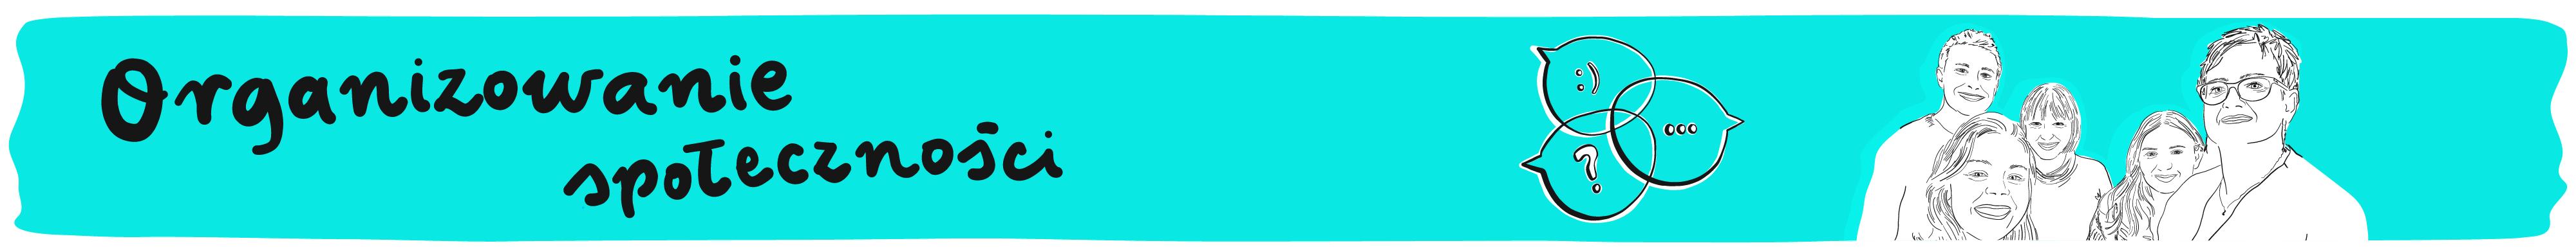 pasek_organizowanie-spolecznosci_13